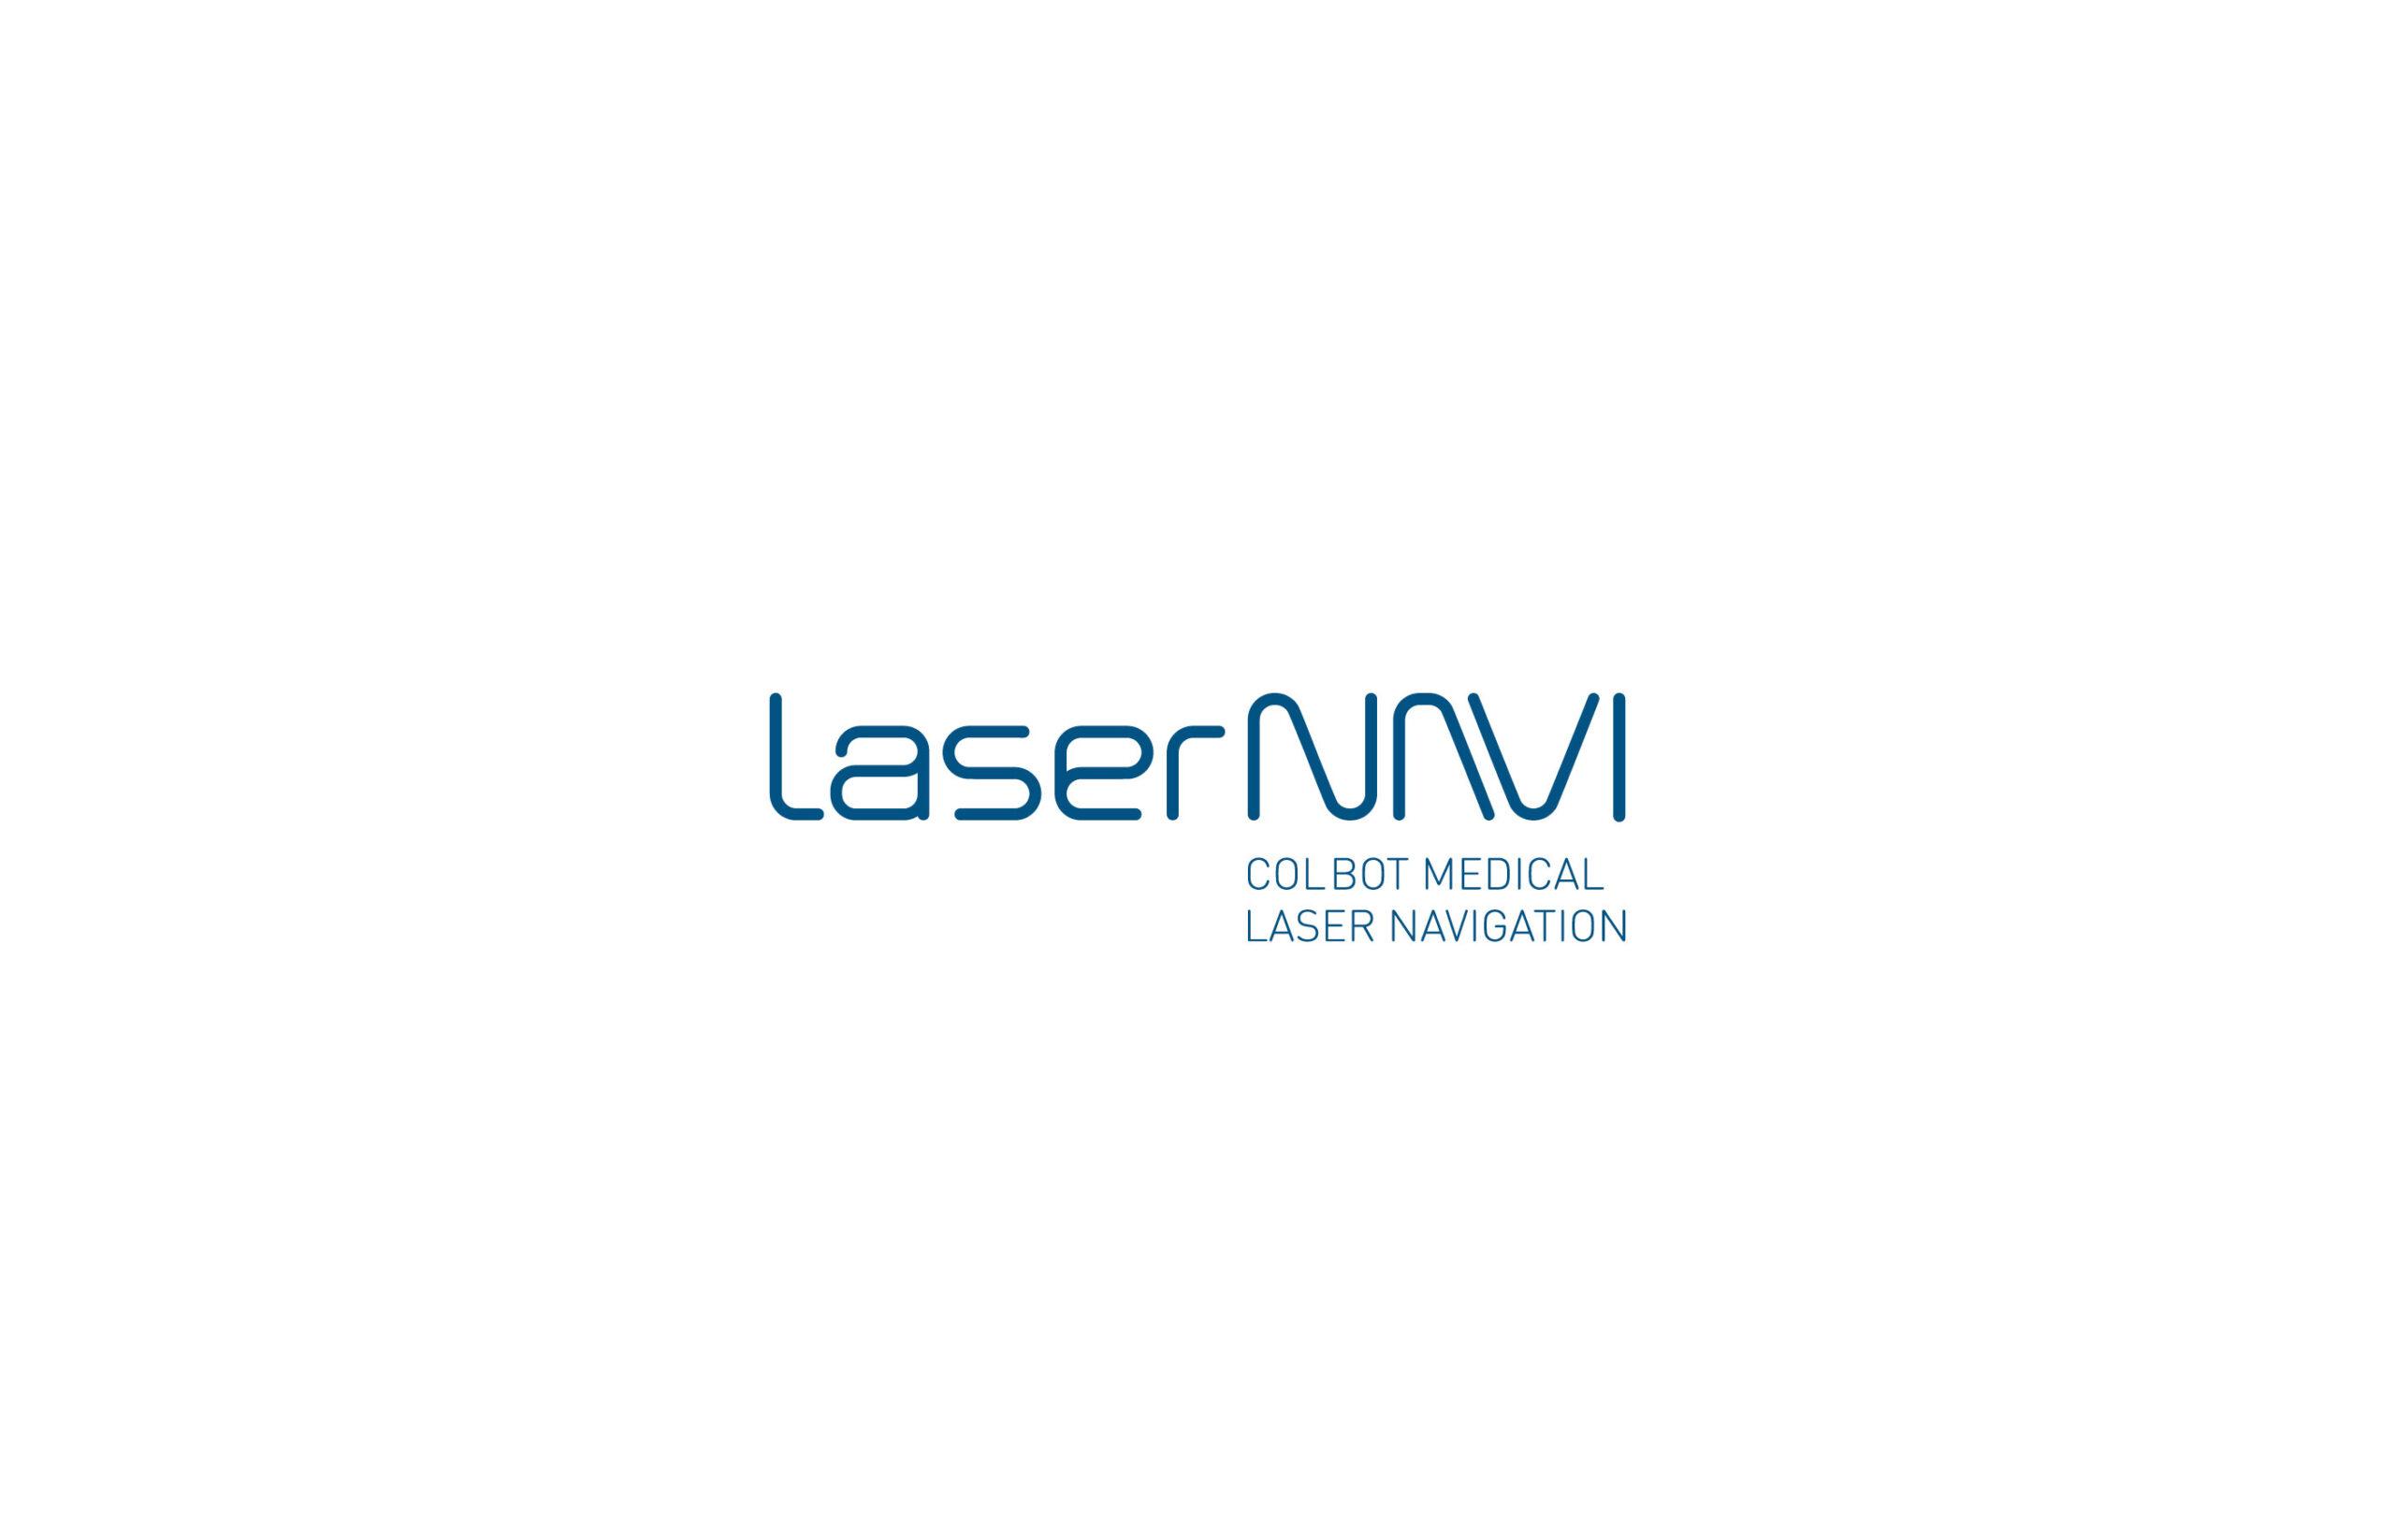 laser_navi_004_1